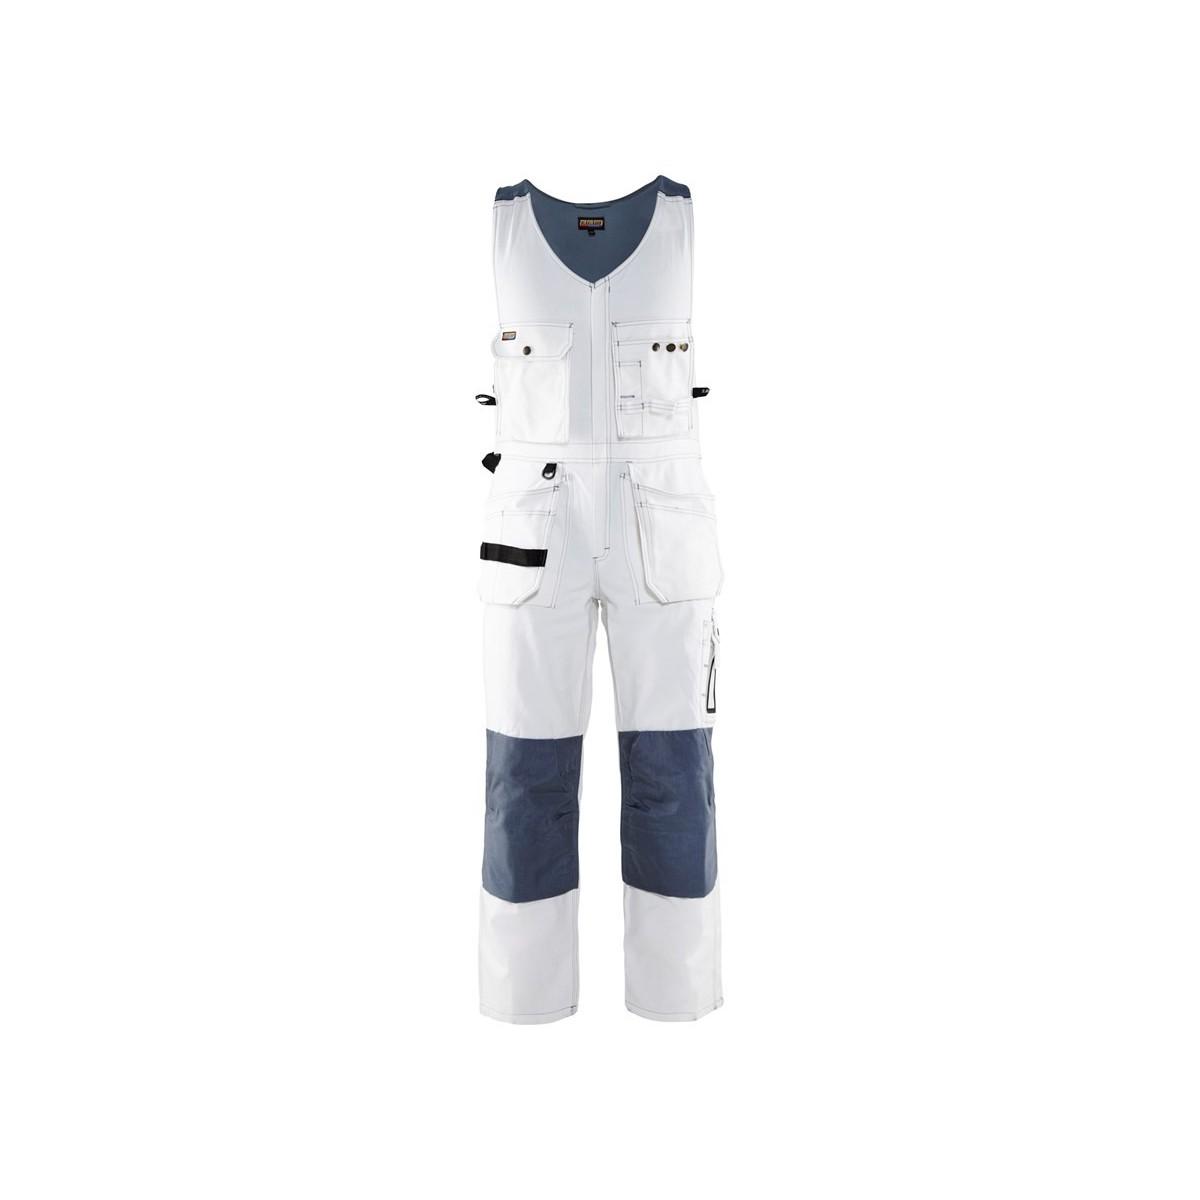 af5250ce5b7 Blåkläder, Helbukser m/hængelommer og stretch i ryg, 100% bomuld, hvid